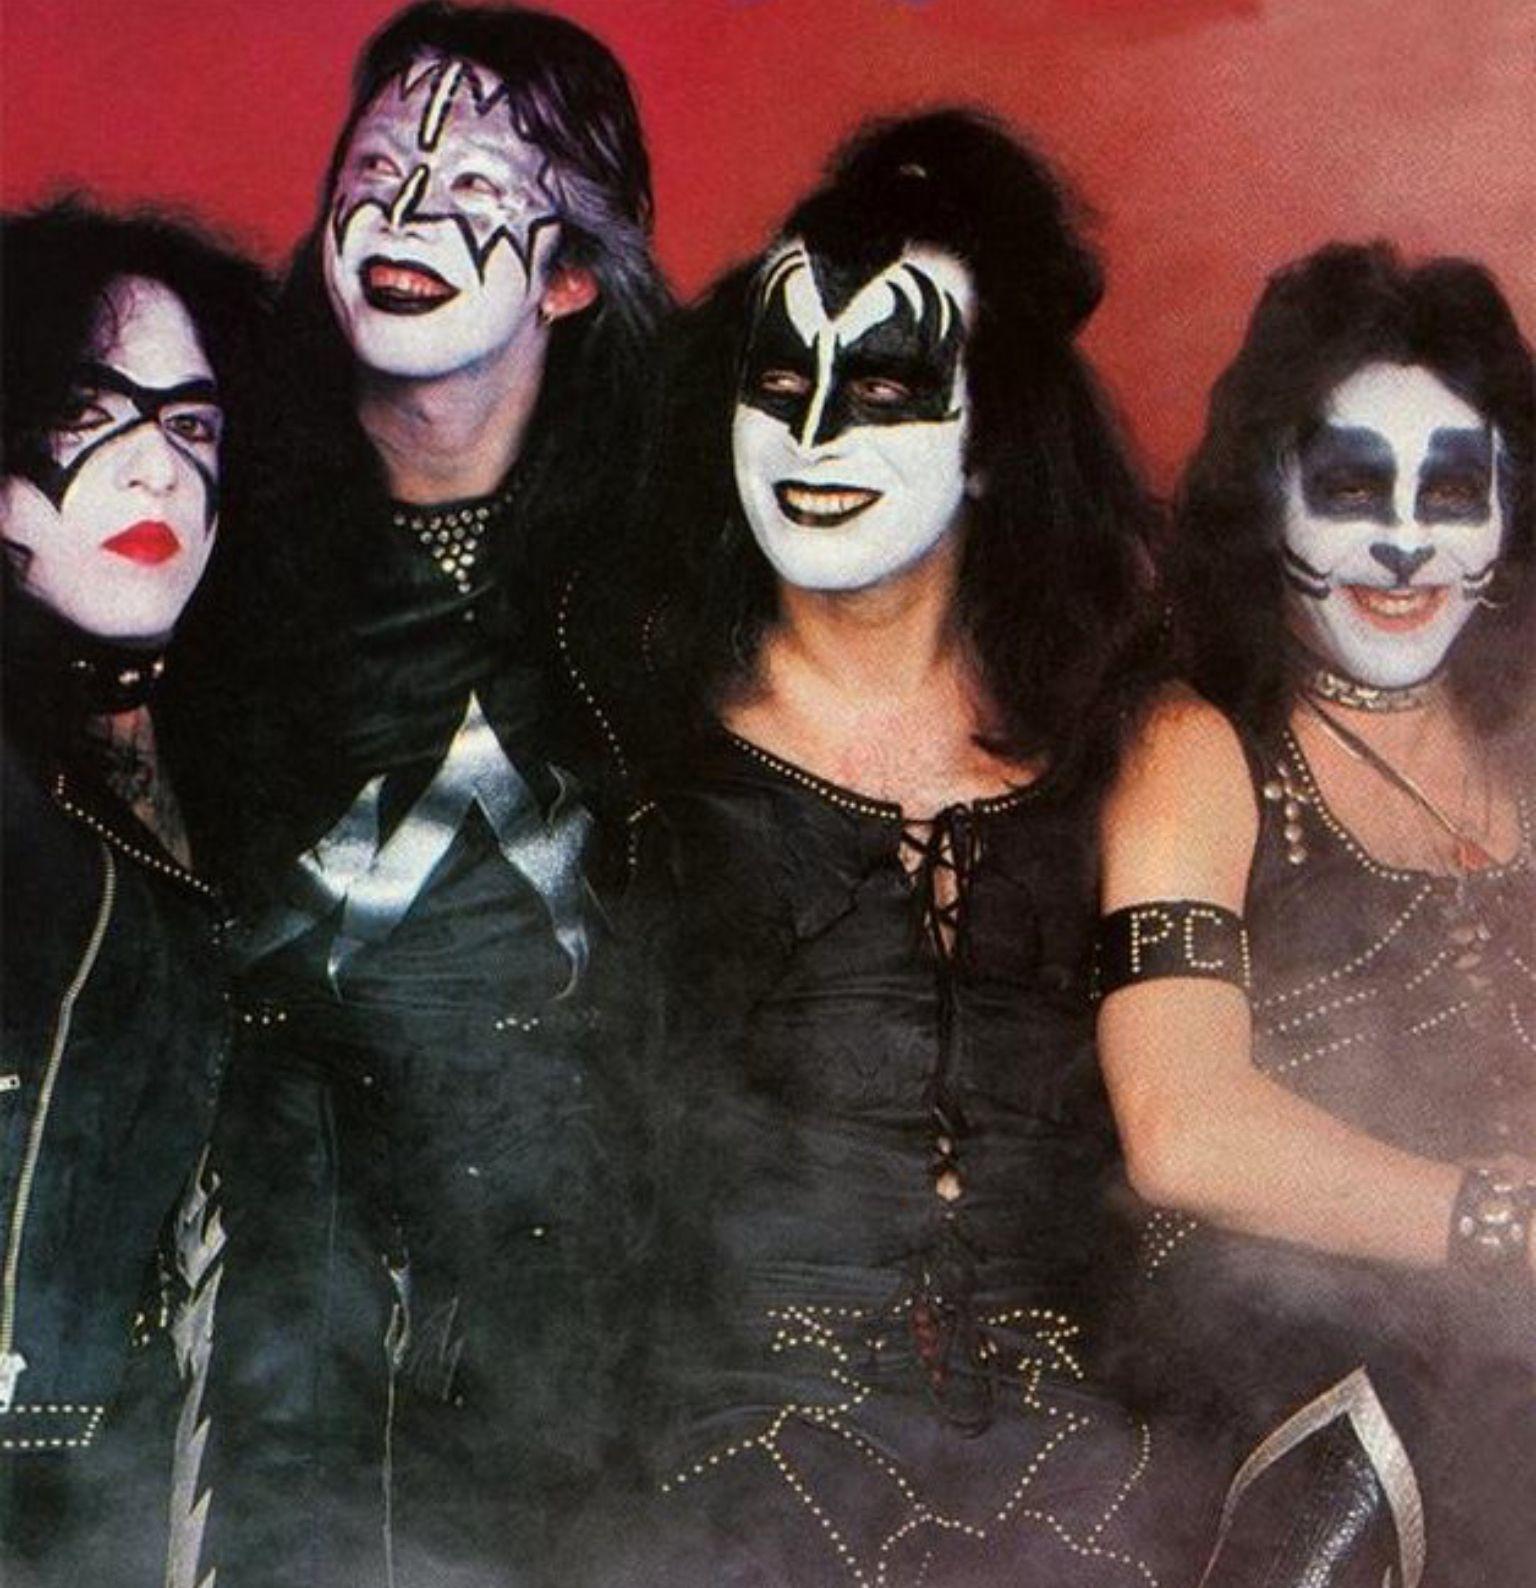 Pin By Pat On Kiss Kiss Rock Bands Kiss Band Kiss Army